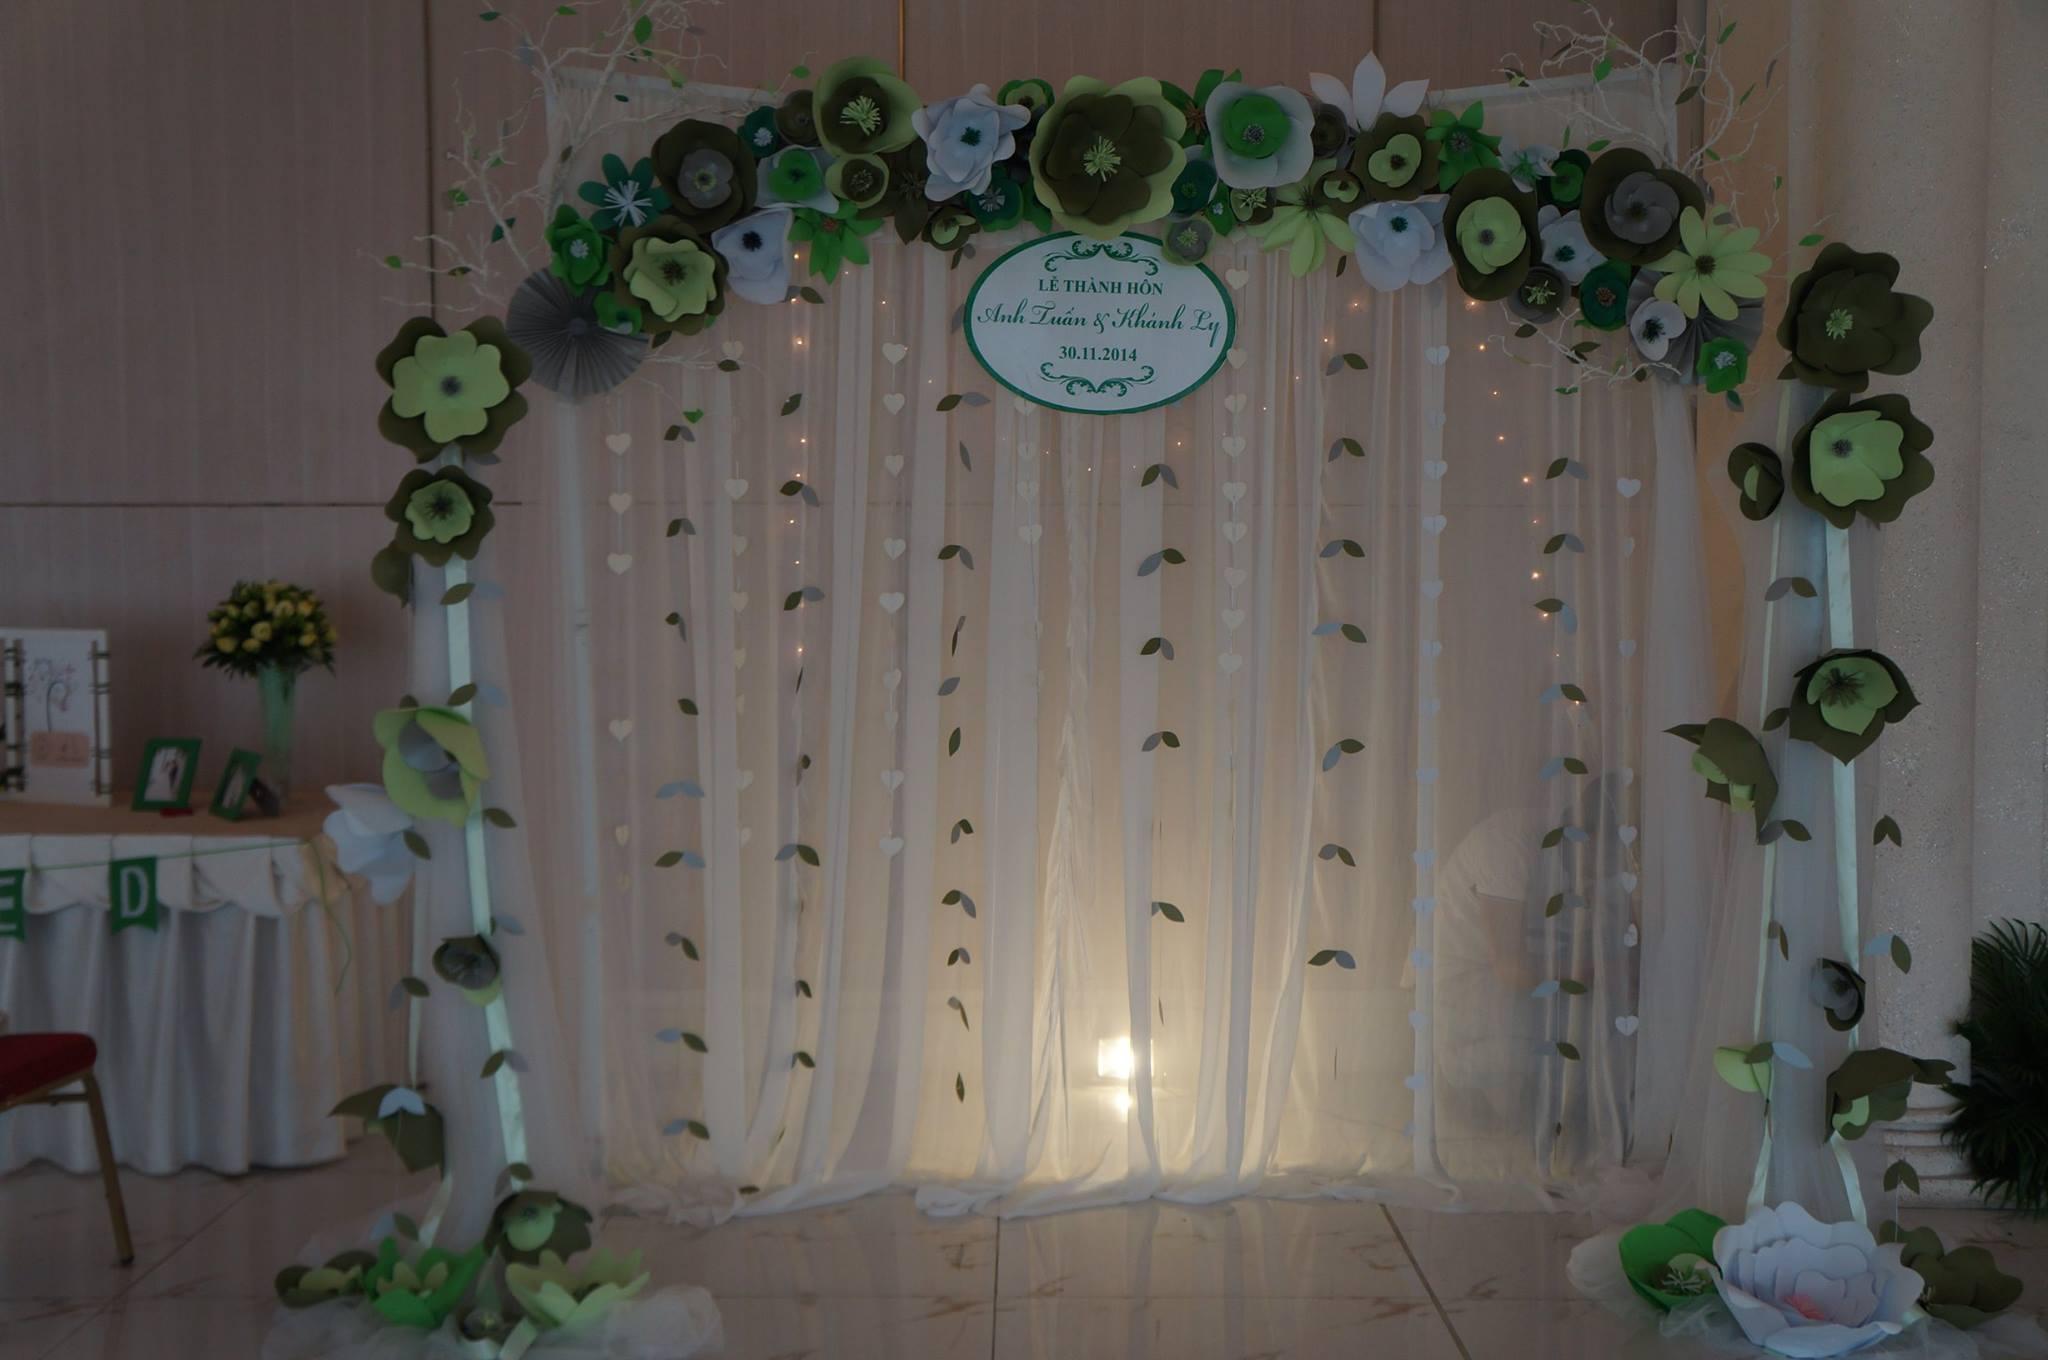 backdrop hoa giấy trang trí tiệc cưới tone xanh lá mộc mạc